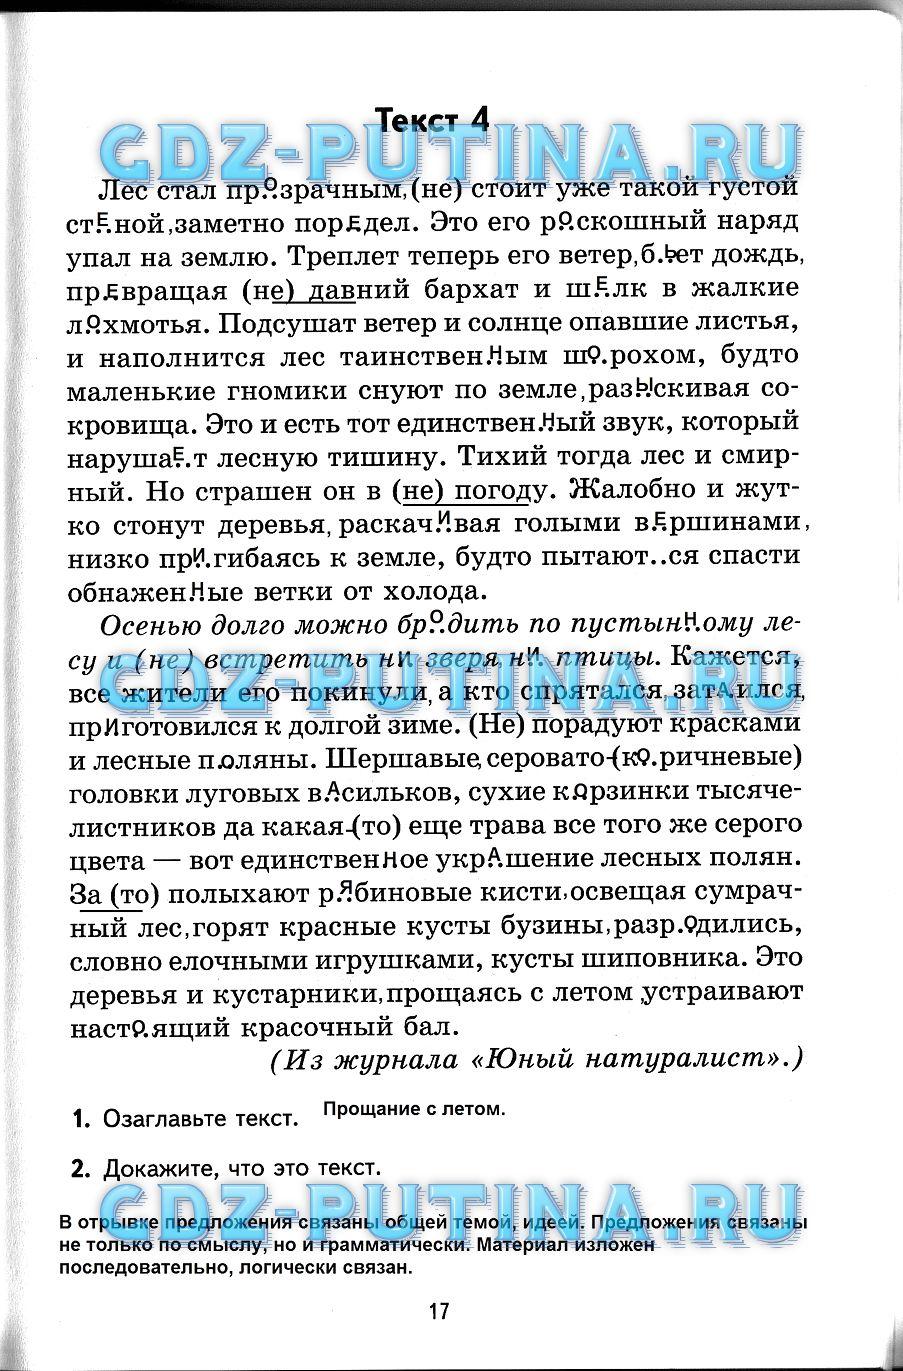 8 анализ гдз класс комплексный 8 текста текст малюшкин